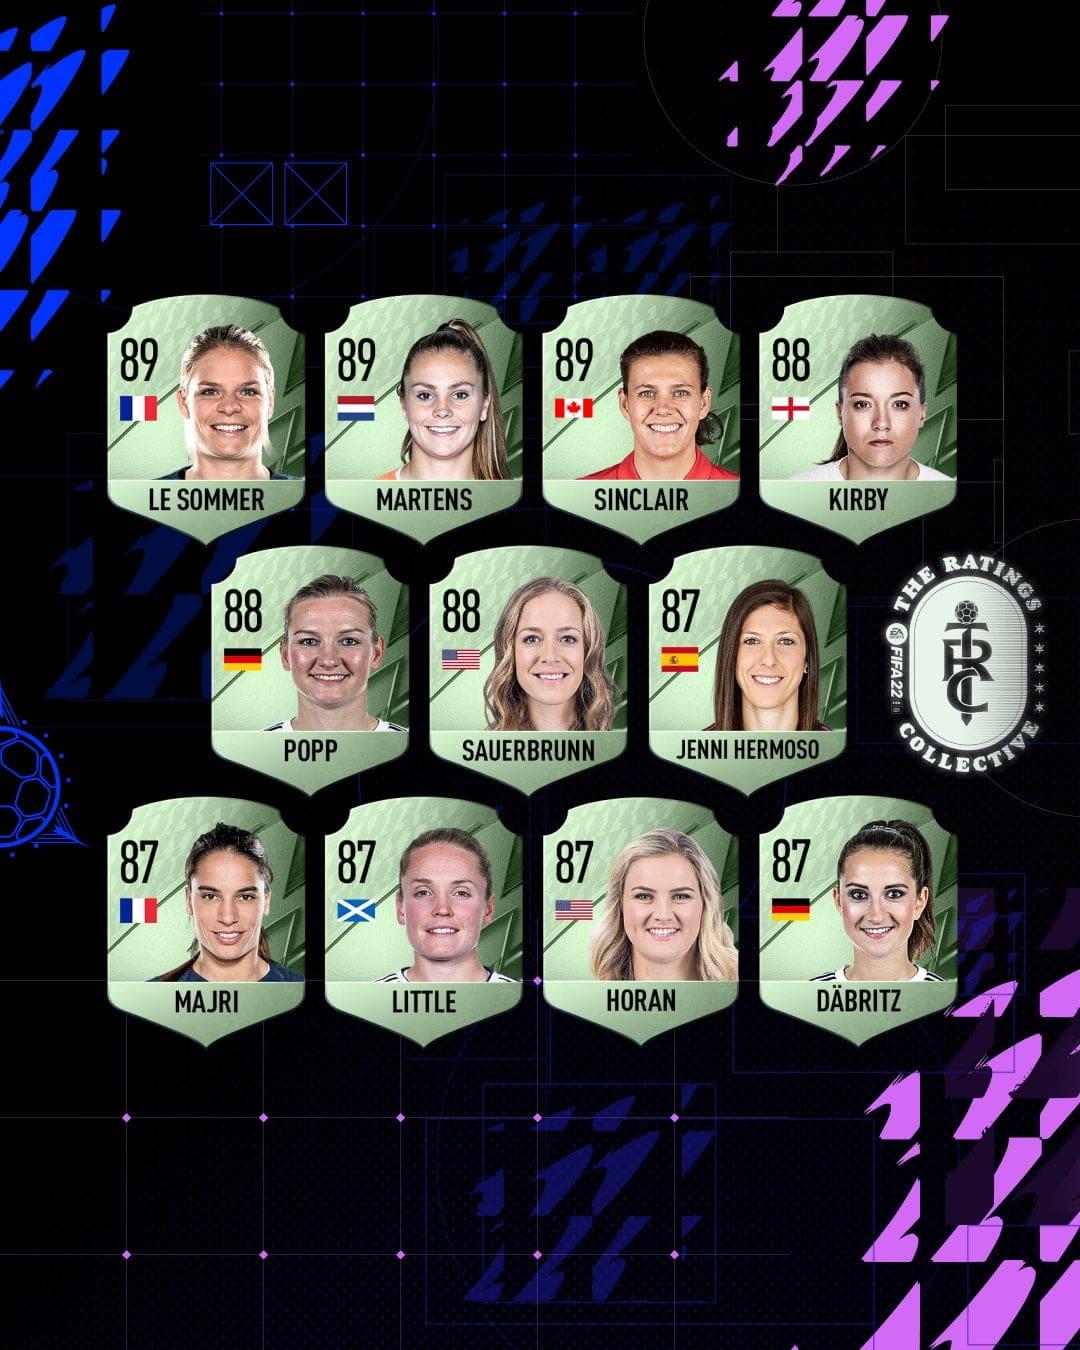 Mejores Jugadoras FIFA 22 89 - 87